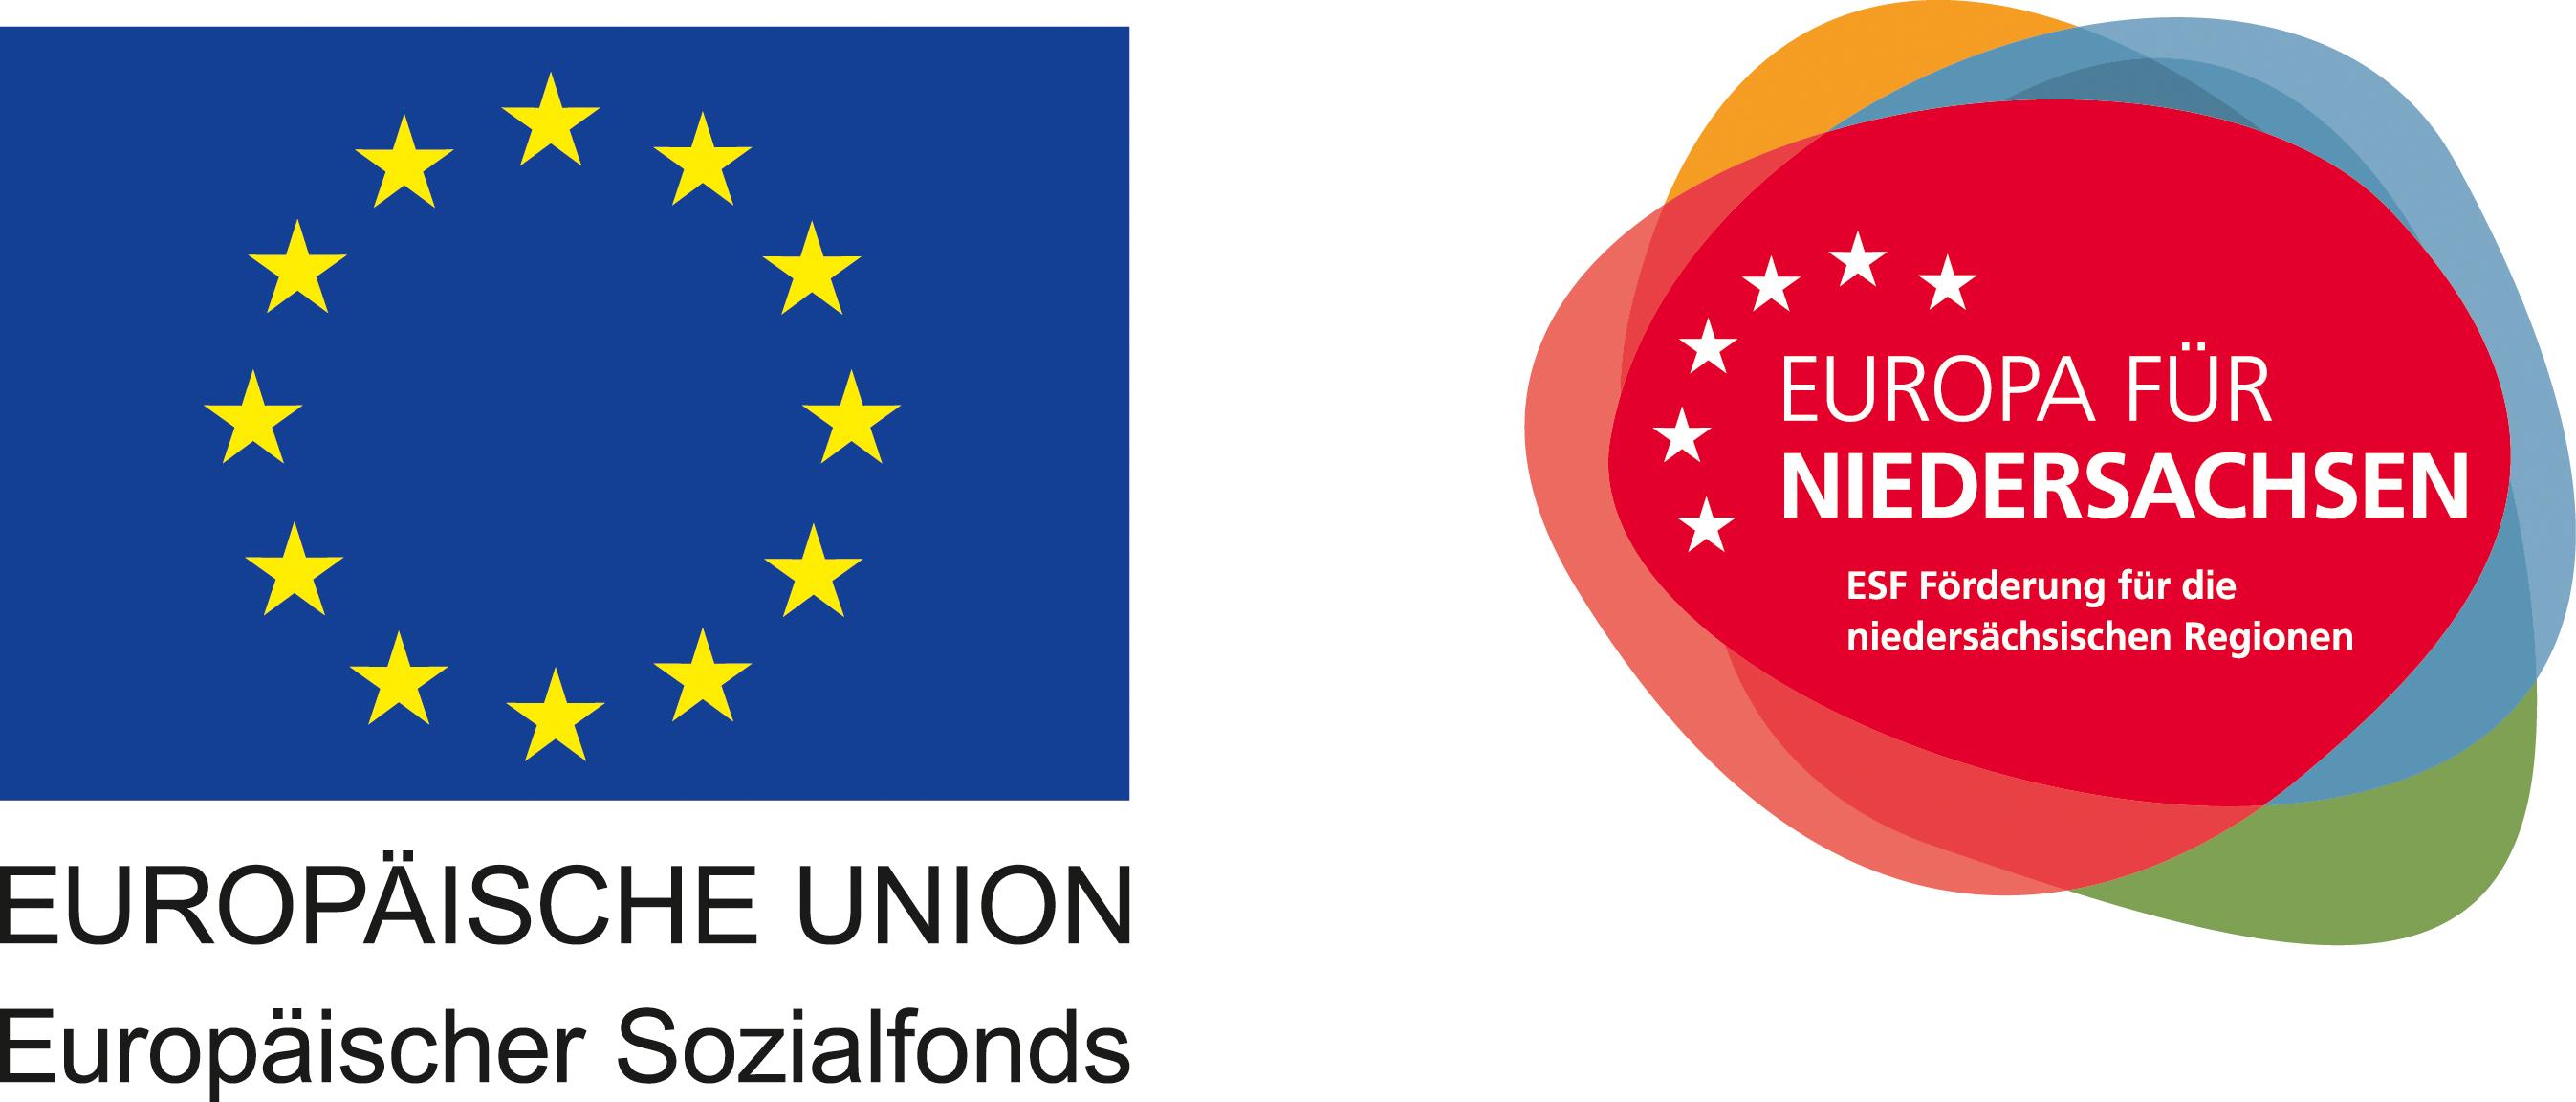 Europa für Niedersachsen: ESF Förderung für die Niedersächsischen Regionen